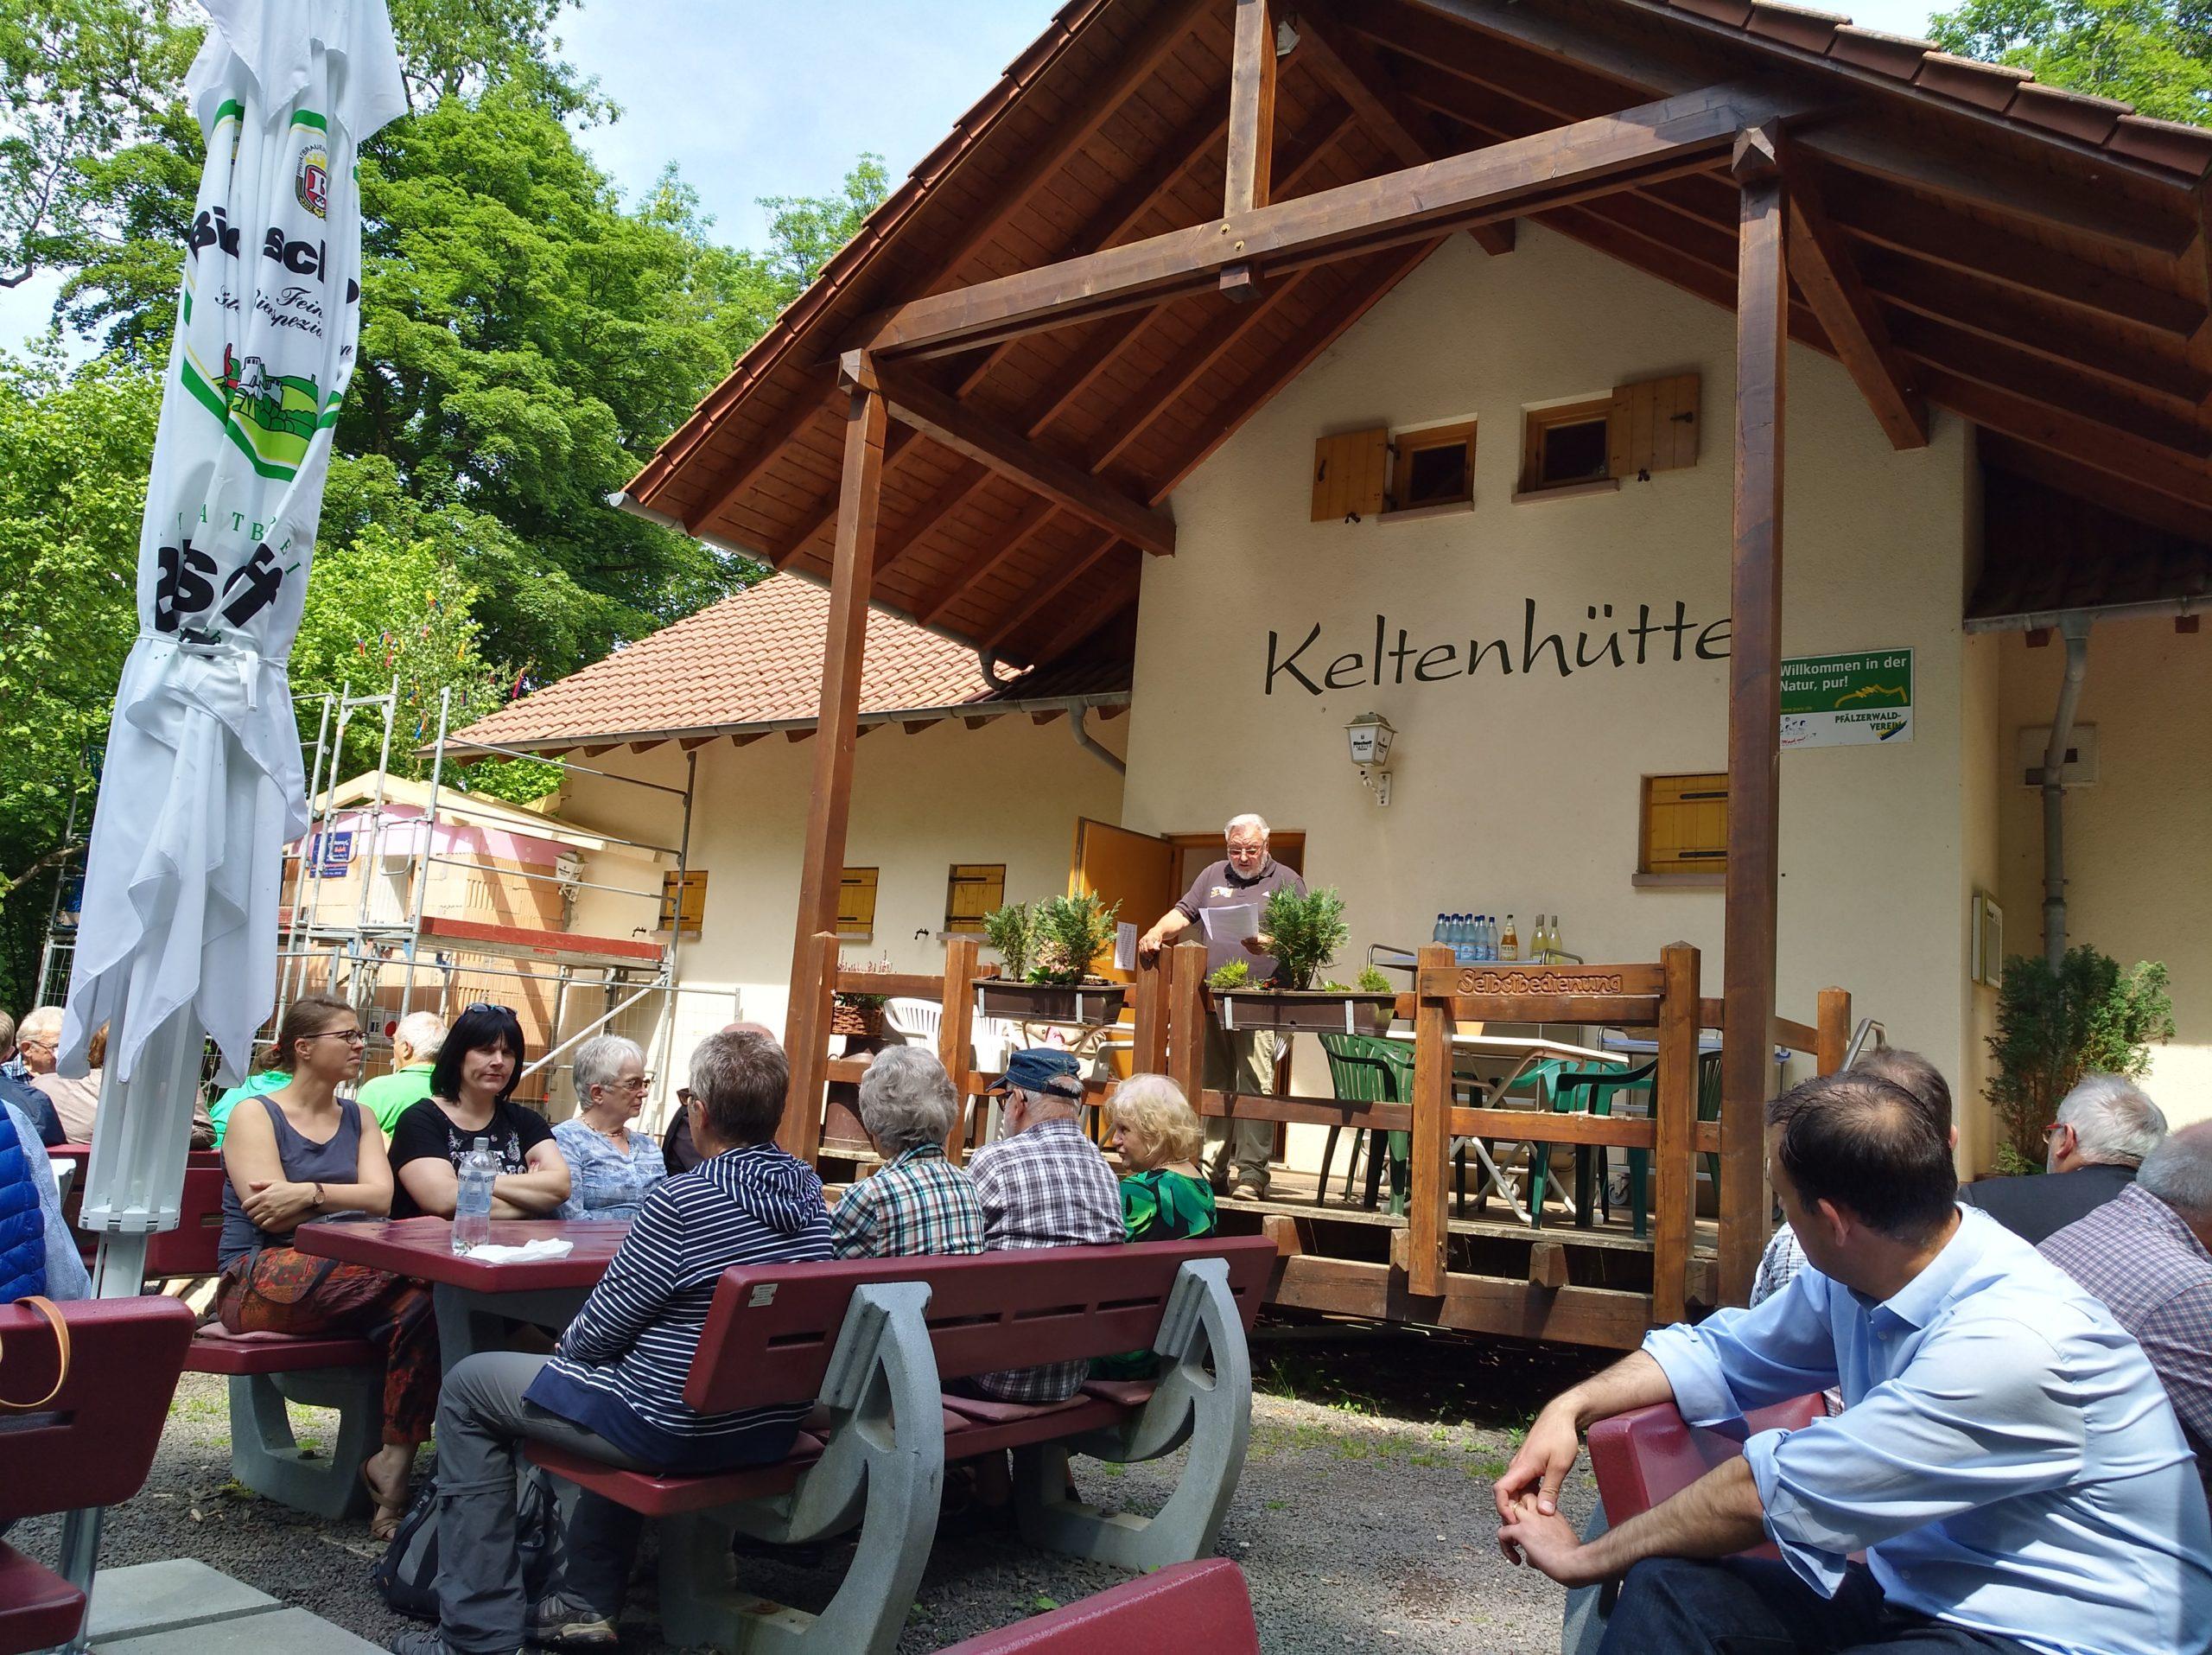 Richtfest für die barrierefreie Keltenhütte auf dem Donnersberg